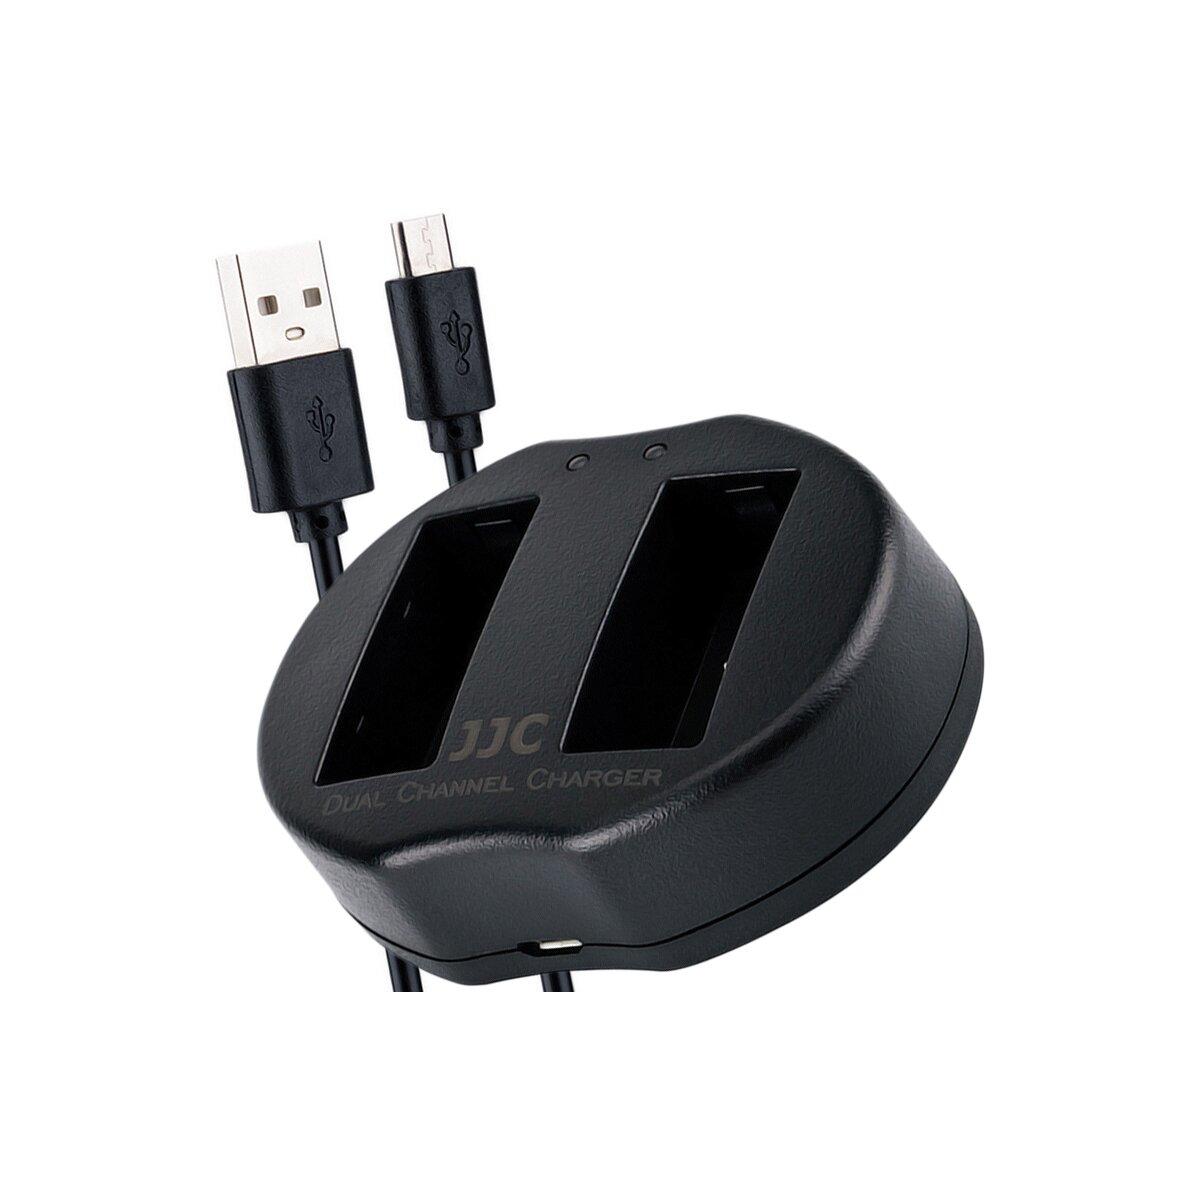 JJC Ladegerät für NP-W126 Akkus mit 2 Steckplätzen und USB-Anschlusskabel für unterwegs und für zu Hause